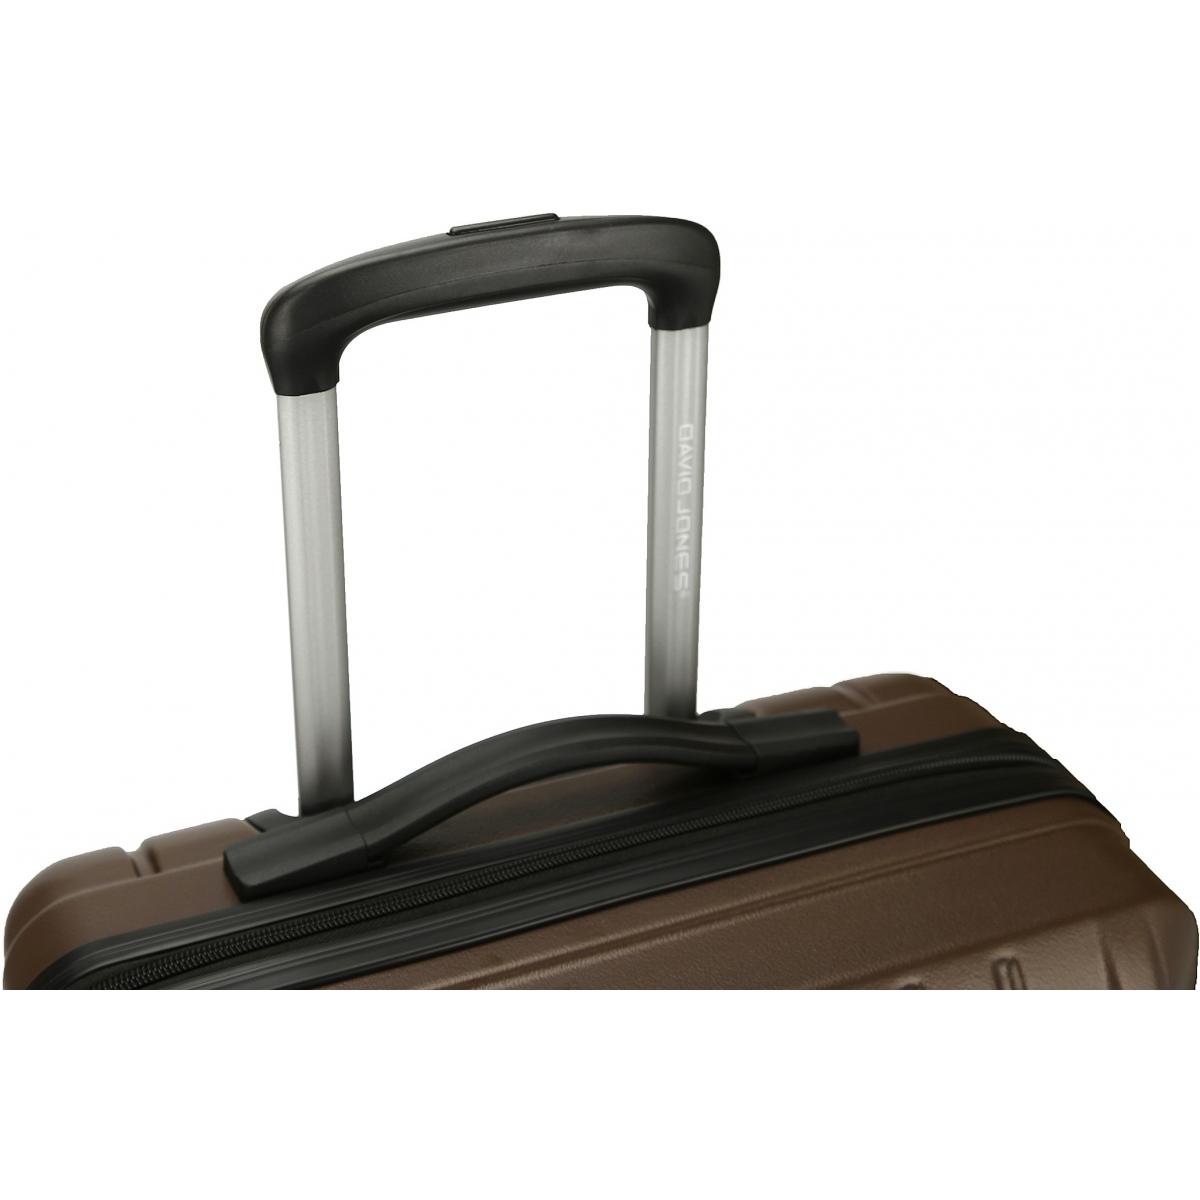 valise rigide david jones taille g 76cm ba10151g. Black Bedroom Furniture Sets. Home Design Ideas